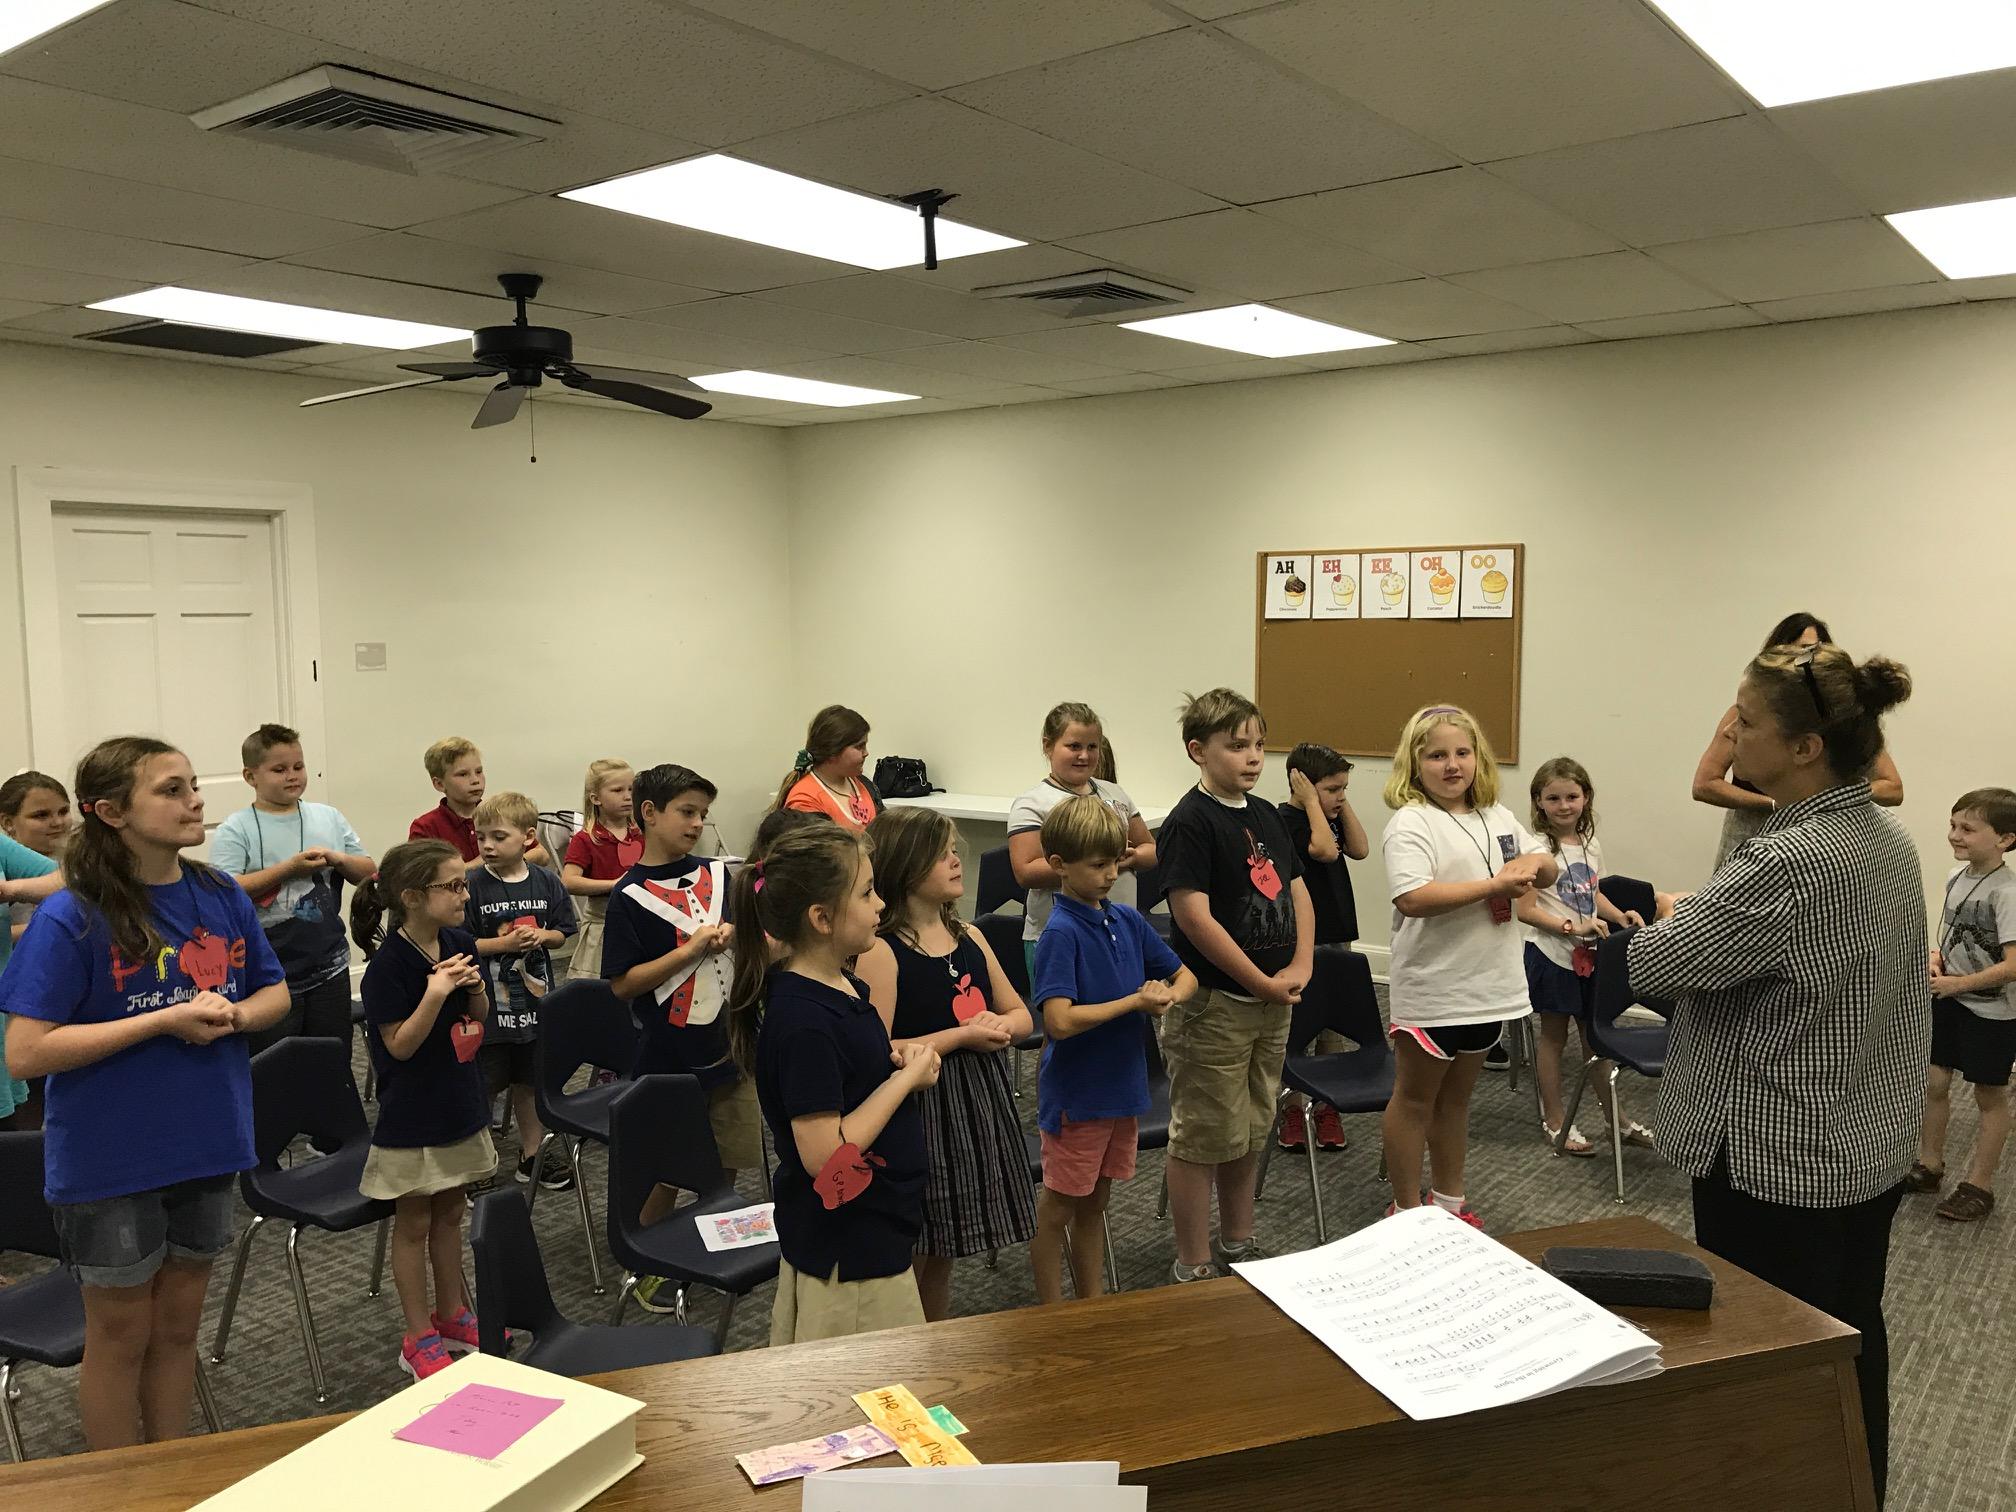 Children's Choir - Wednesdays, 6:00-6:45 pm, Grades 1-5